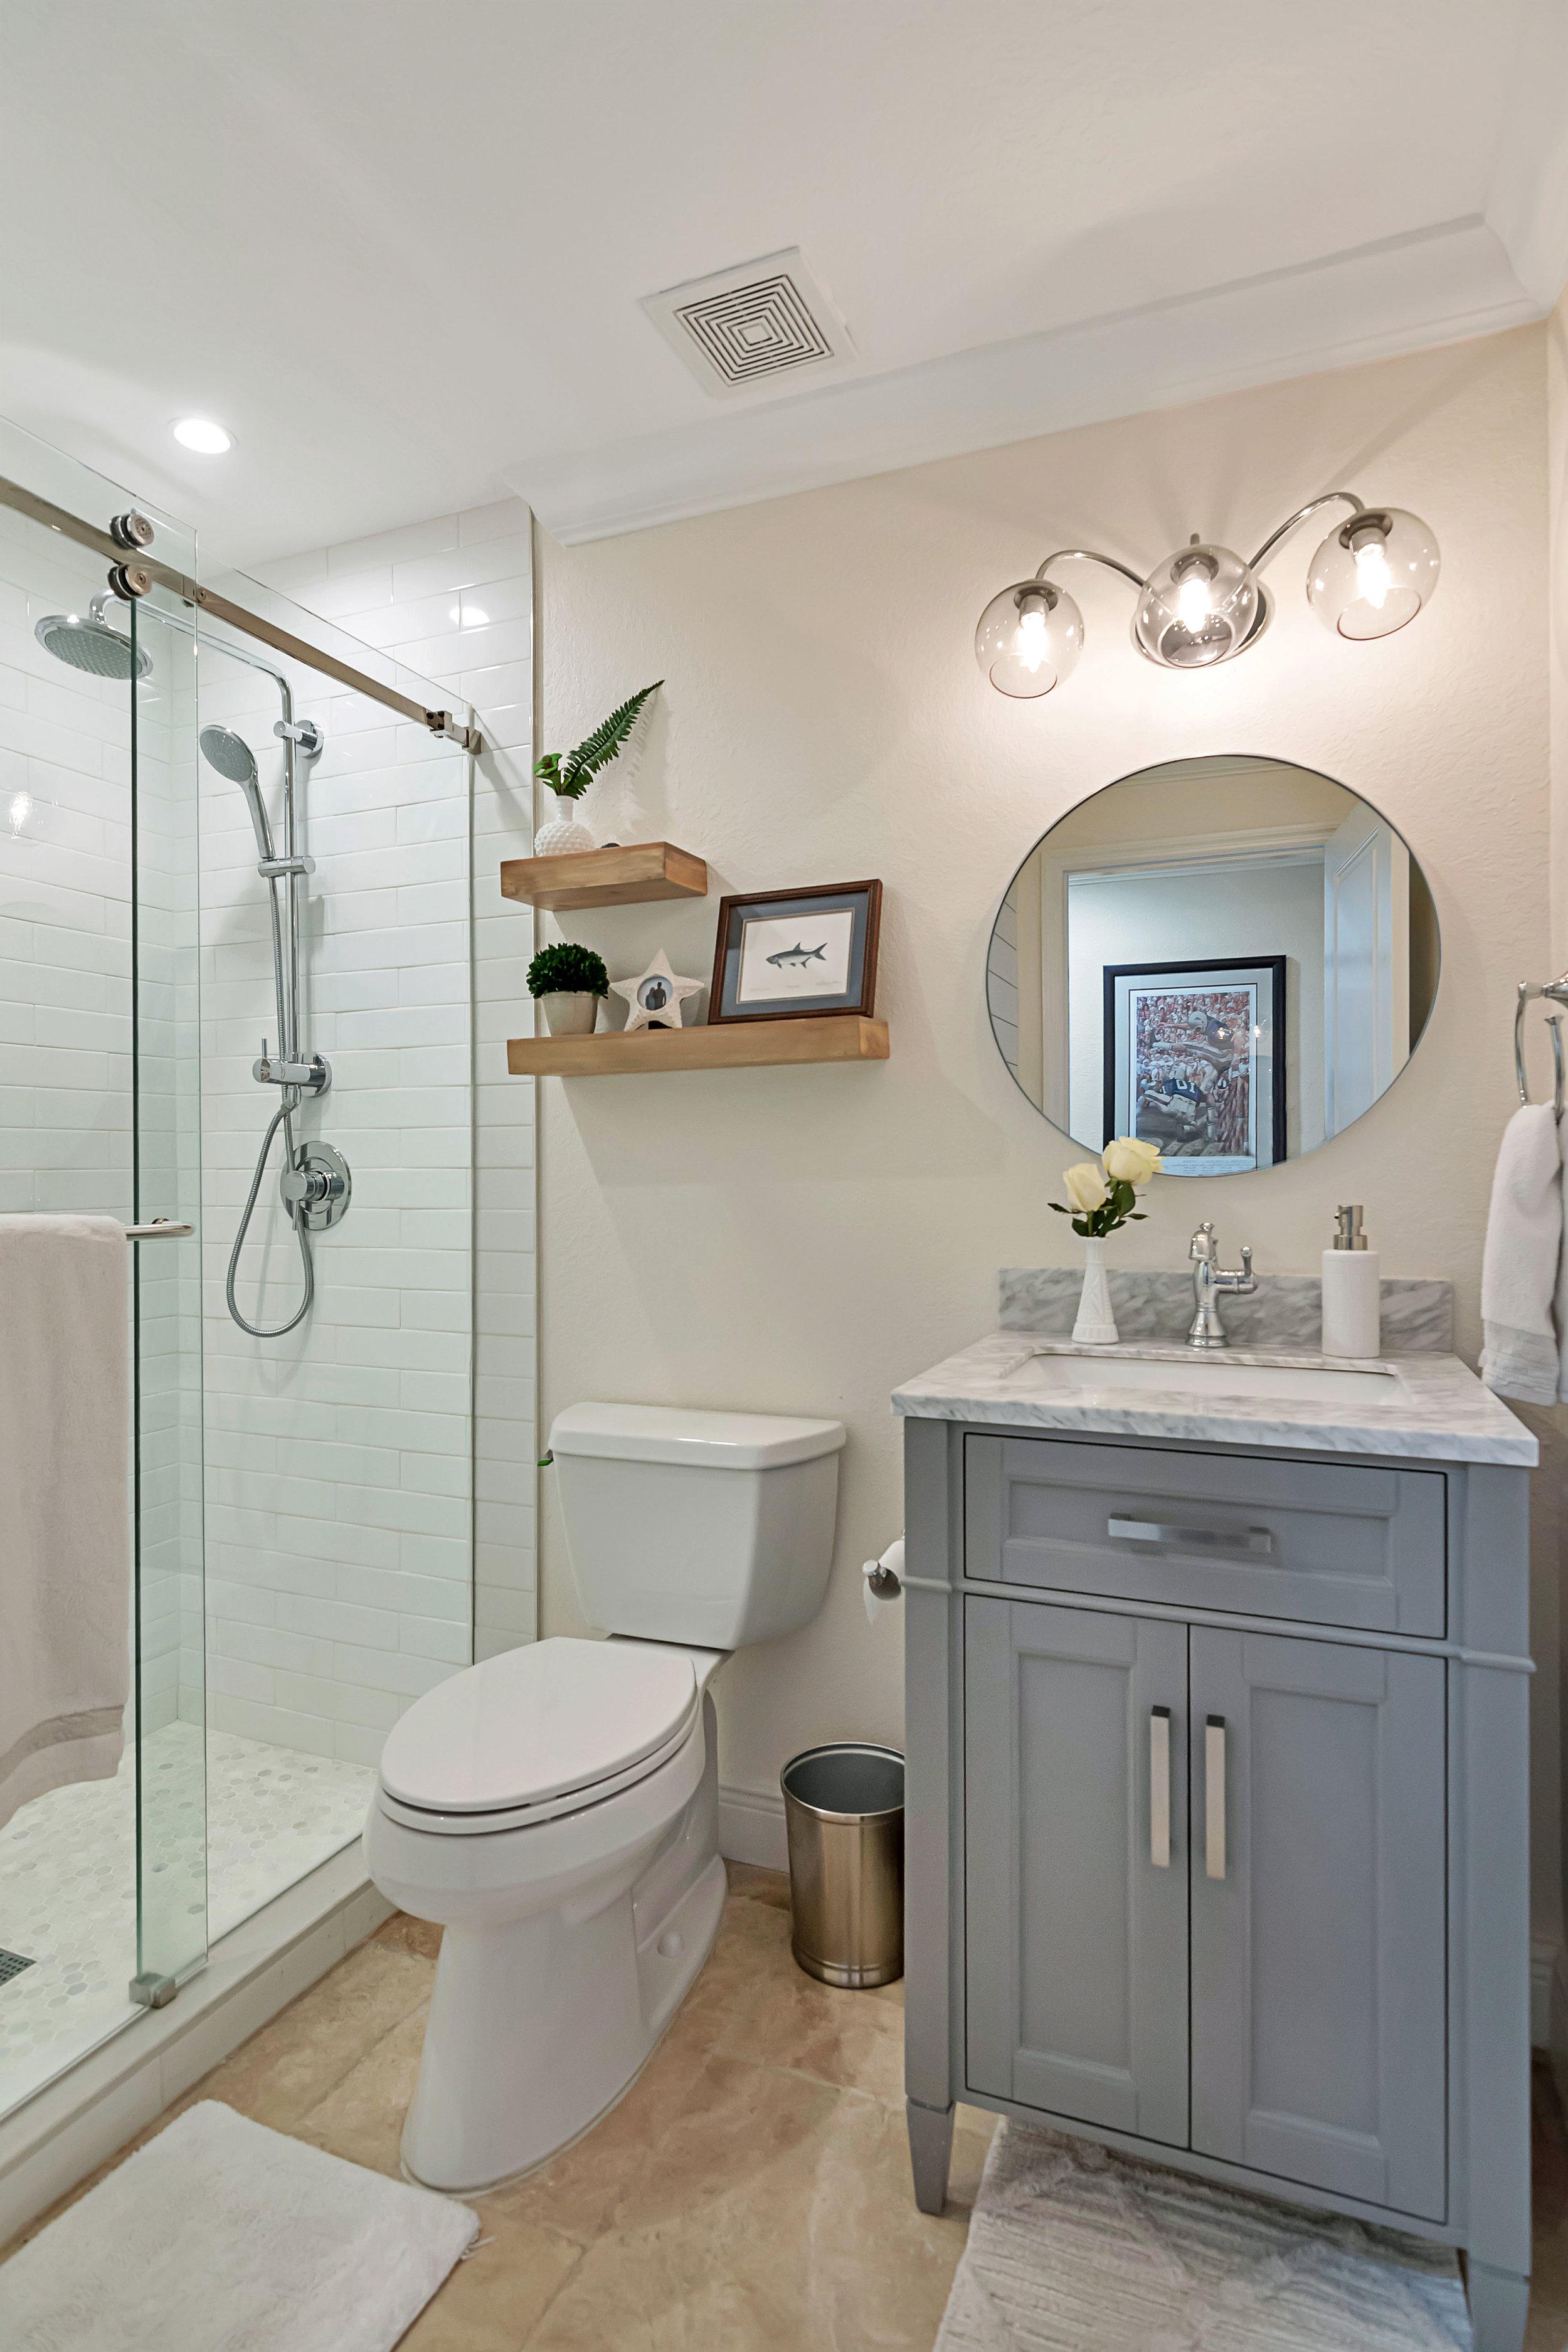 6450 bath 2.jpg